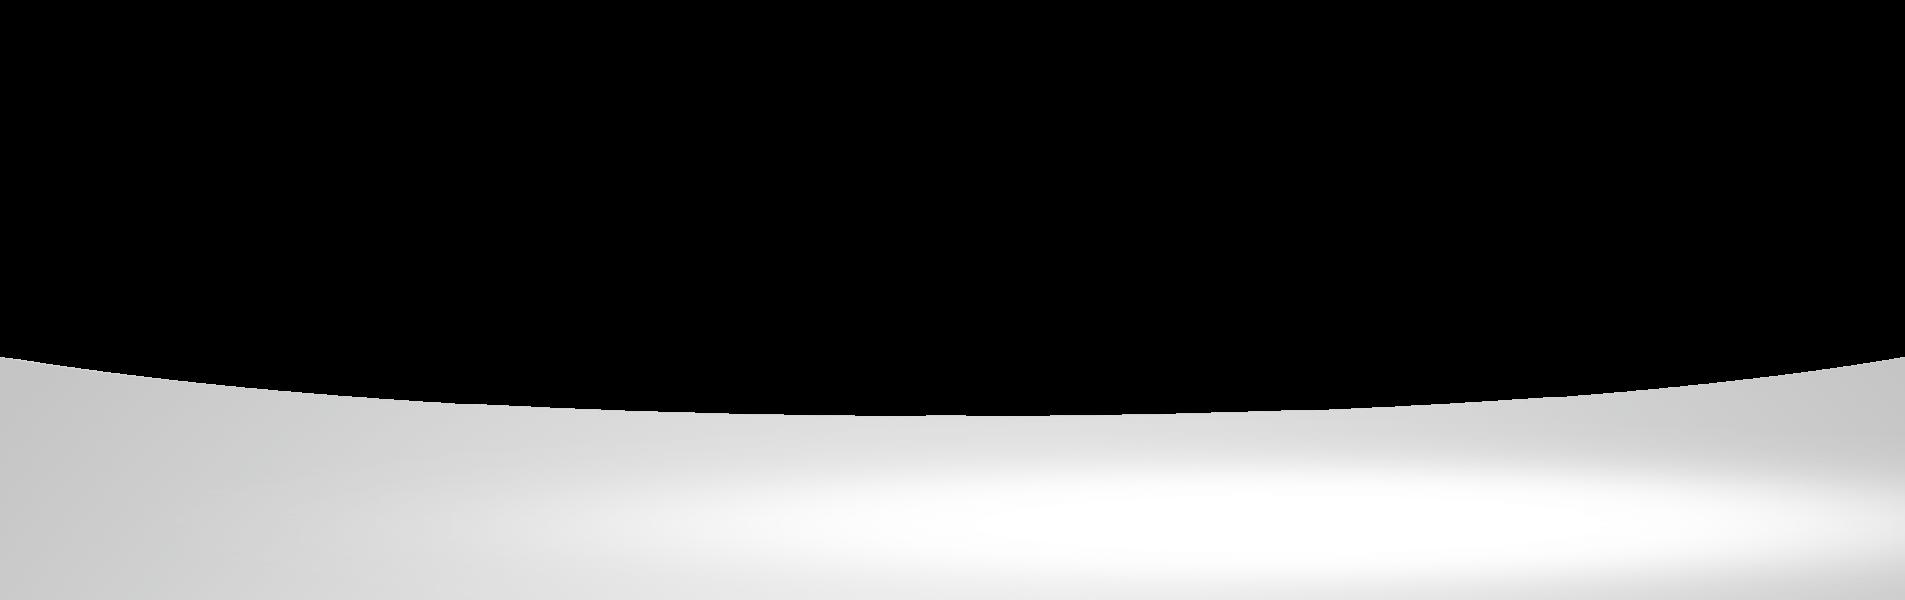 لایه اول اسلاید گرین ورلد، هویت بصری گرین ورلد، طراحی لوگو، طراحی لوگوتایپ، شرکت تبلیغاتی الف، طراحی هویت بصری